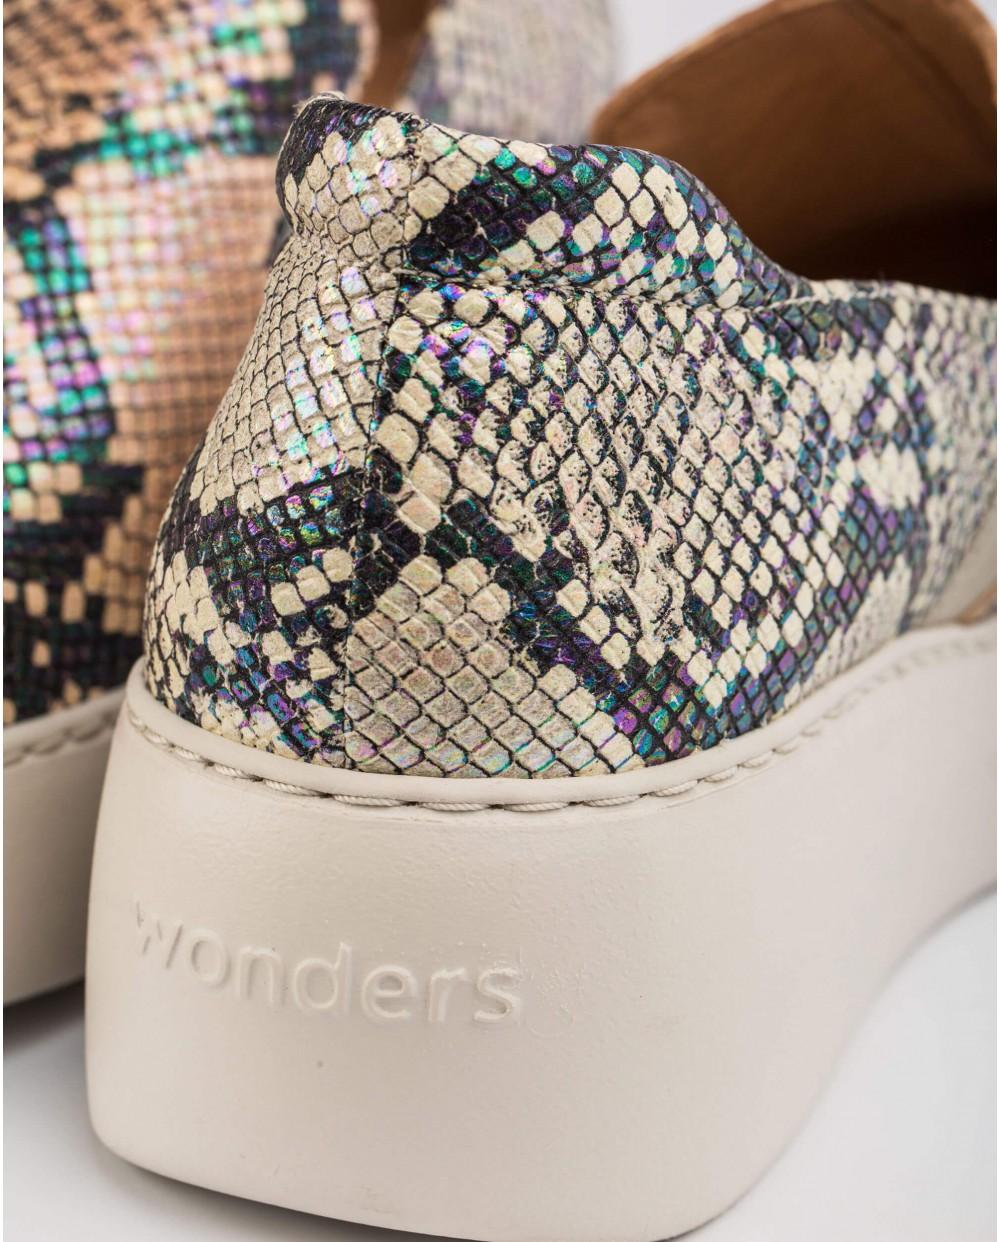 Wonders-Sneakers-Colorful snake print sneaker